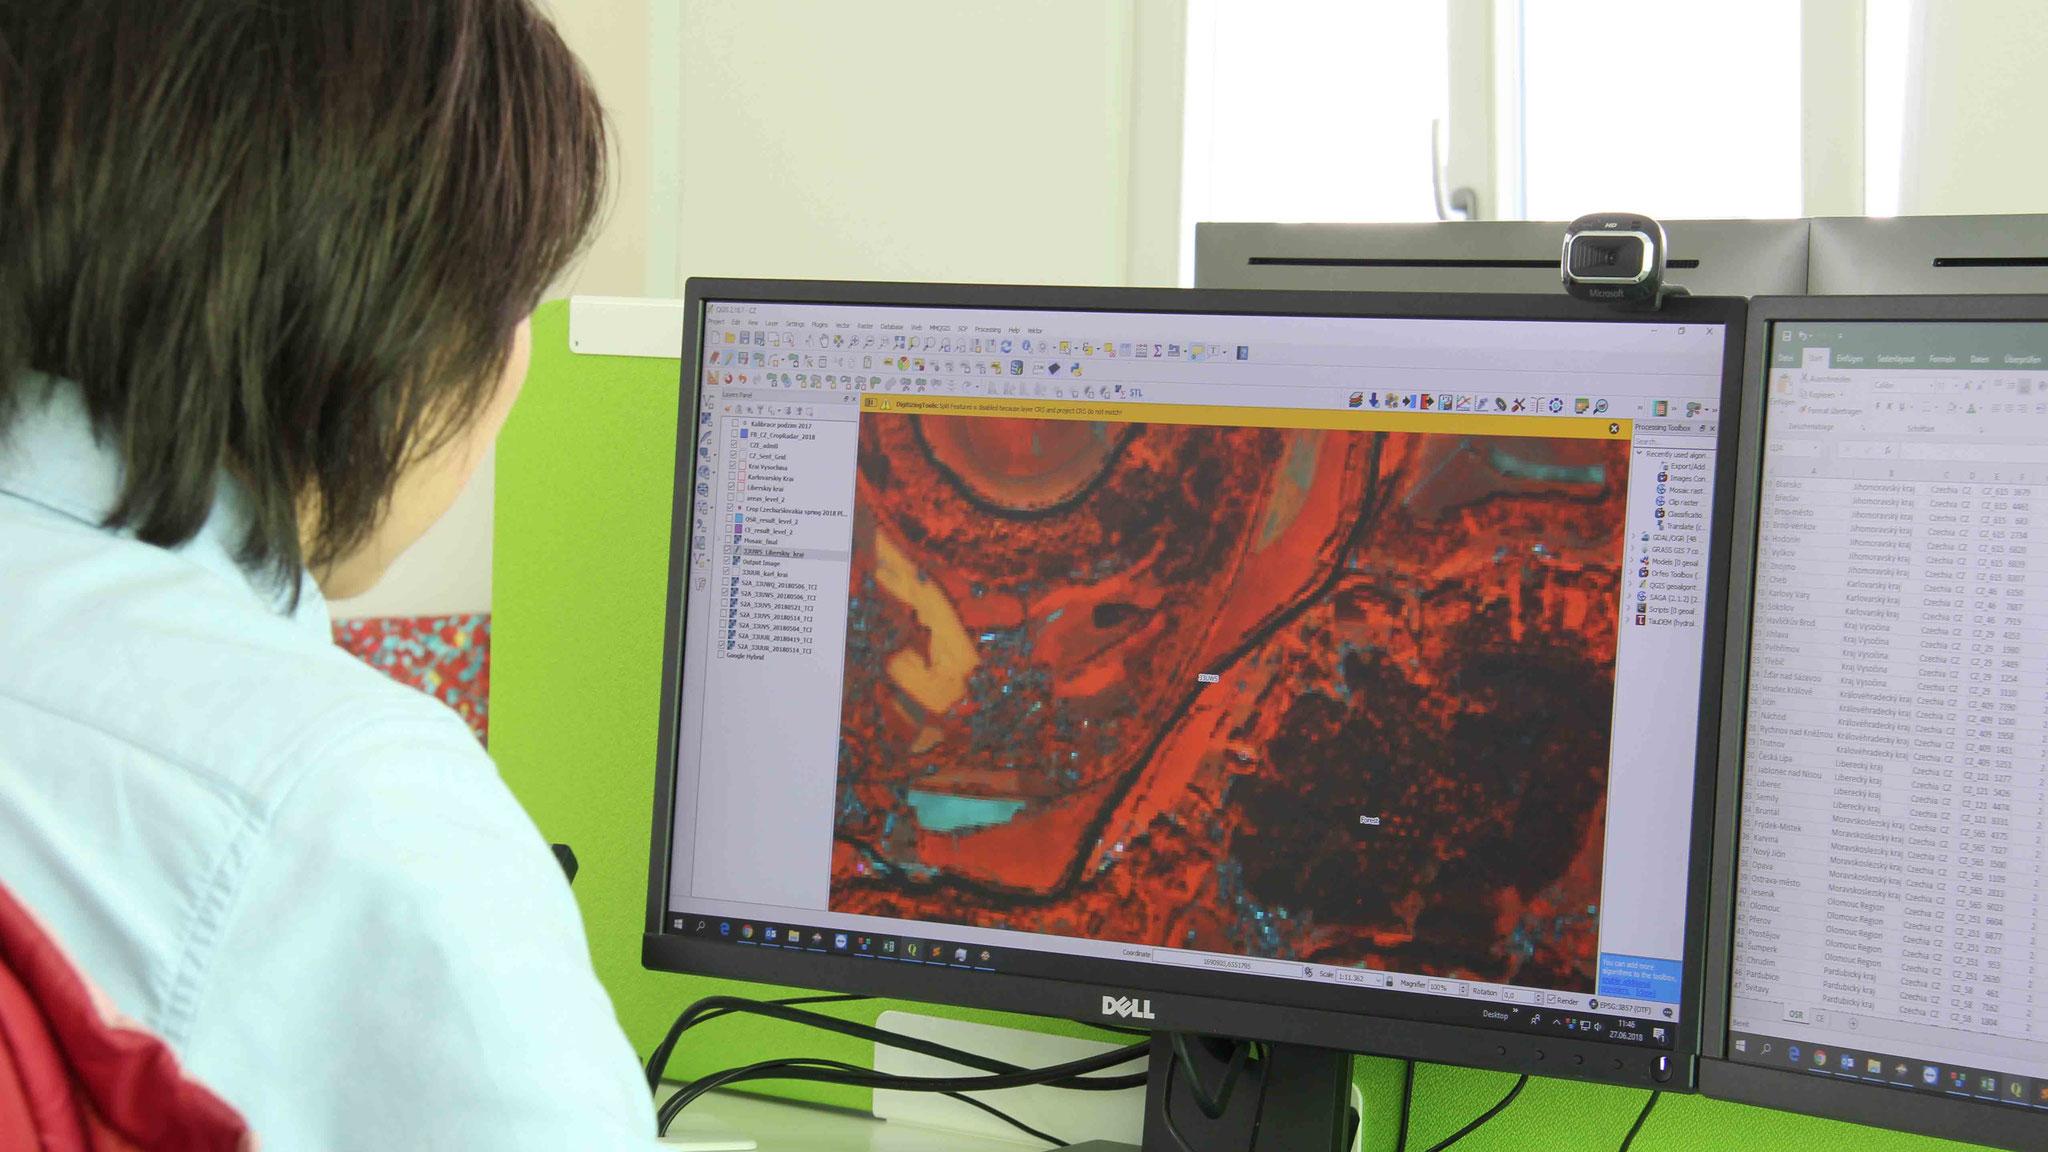 Die Auswertung der Satellitenbilder zeigt, was gerade auf den landwirtschaftlichen Nutzflächen der Kunden passiert